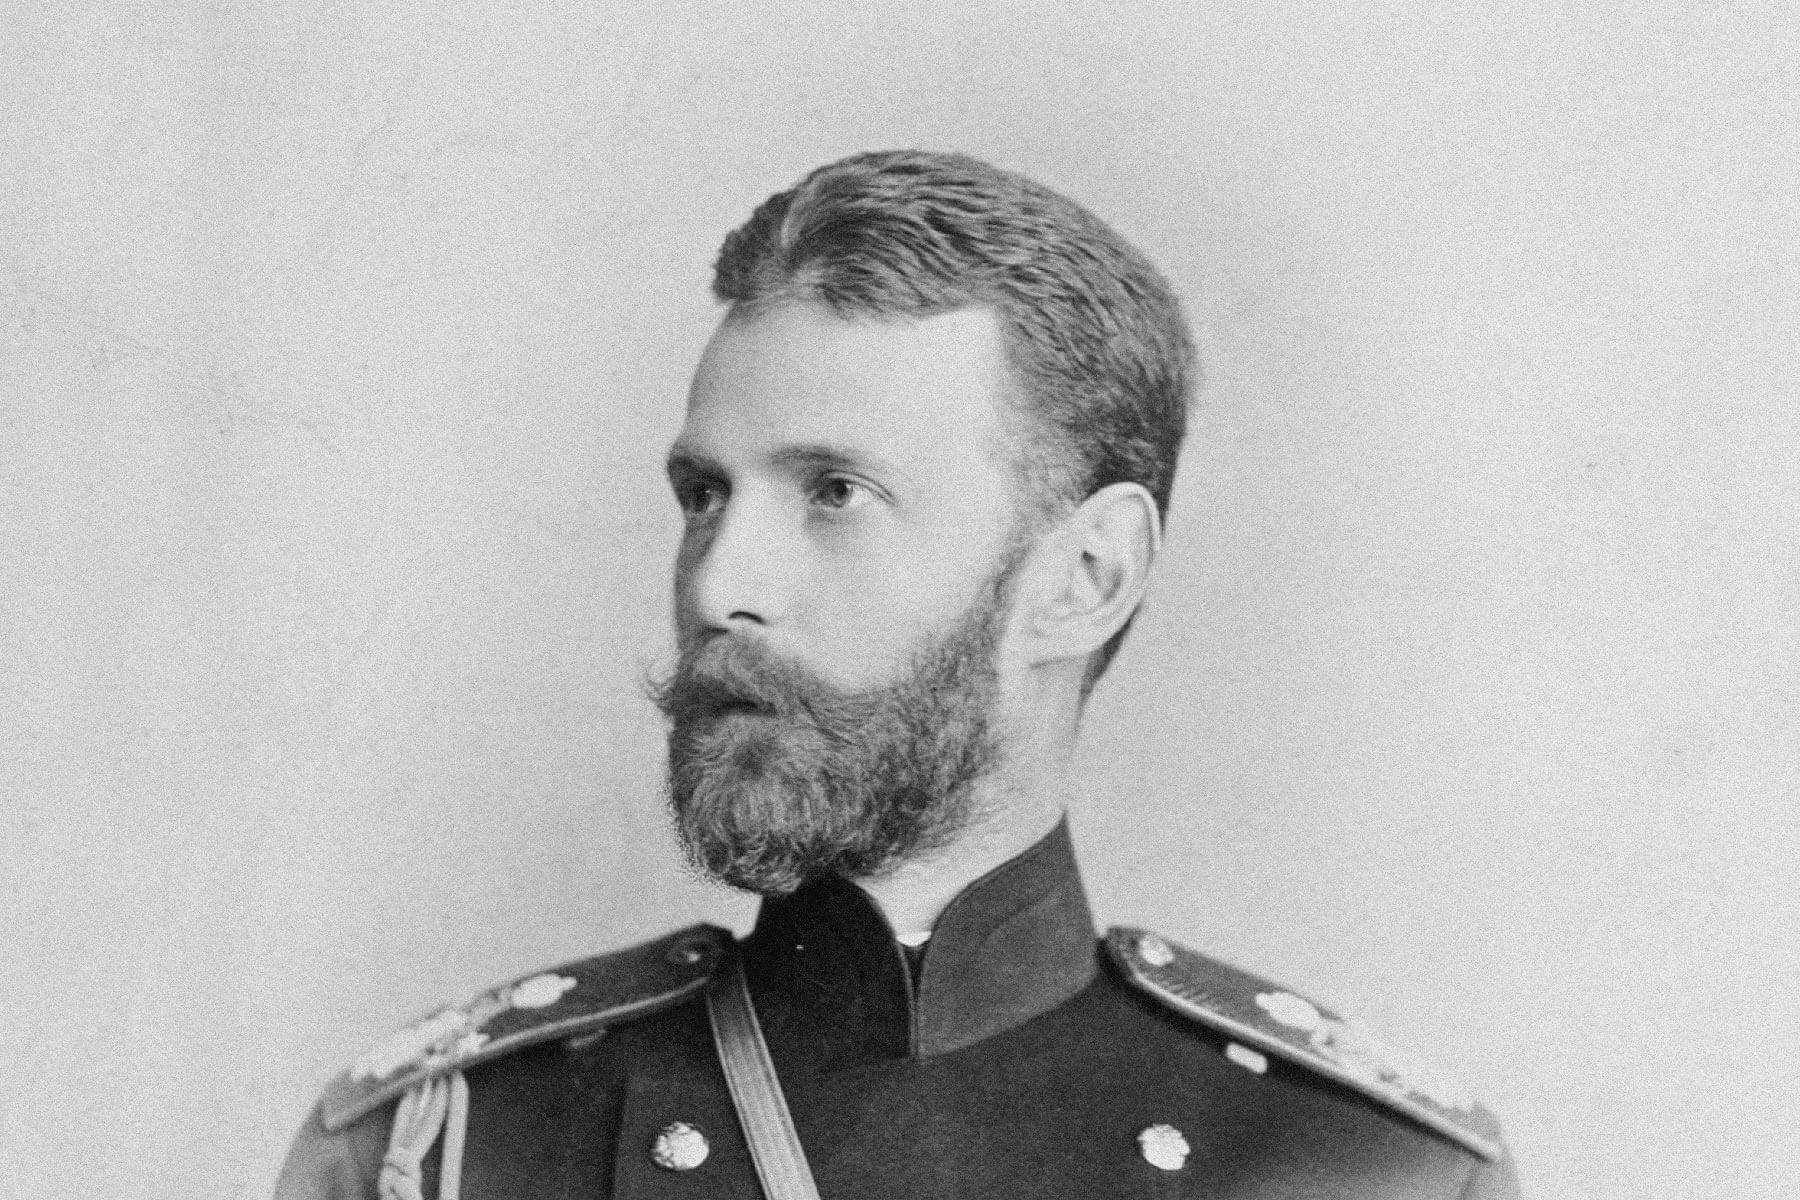 Сергей Романов. Источник: ru.wikipedia.org